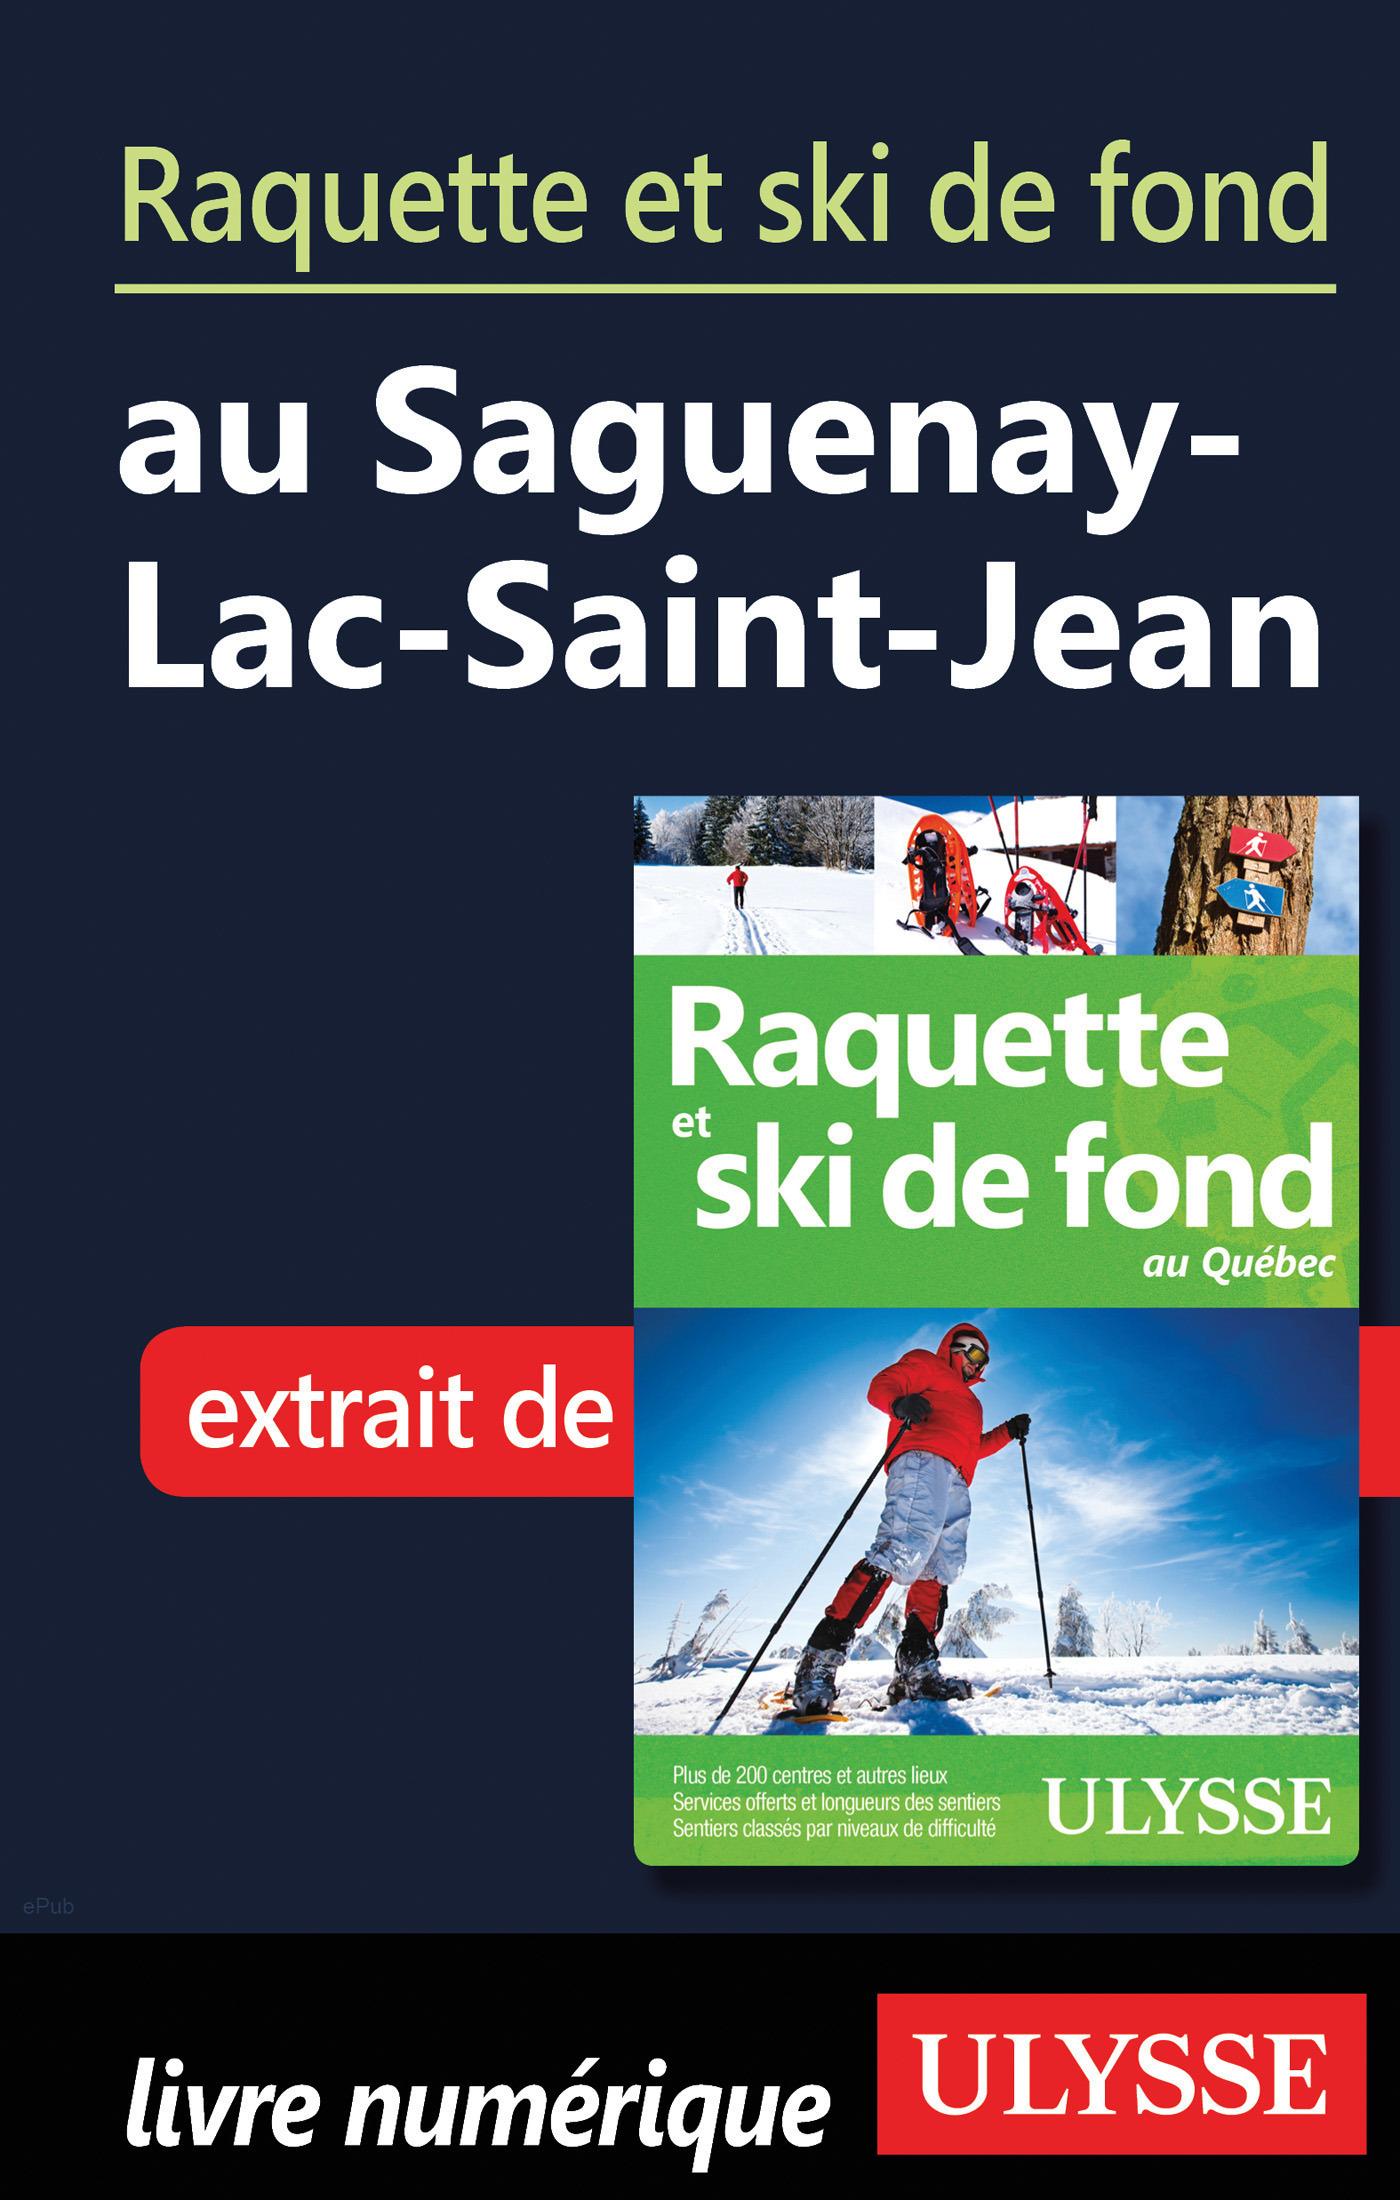 Raquette et ski de fond au Saguenay-Lac-Saint-Jean